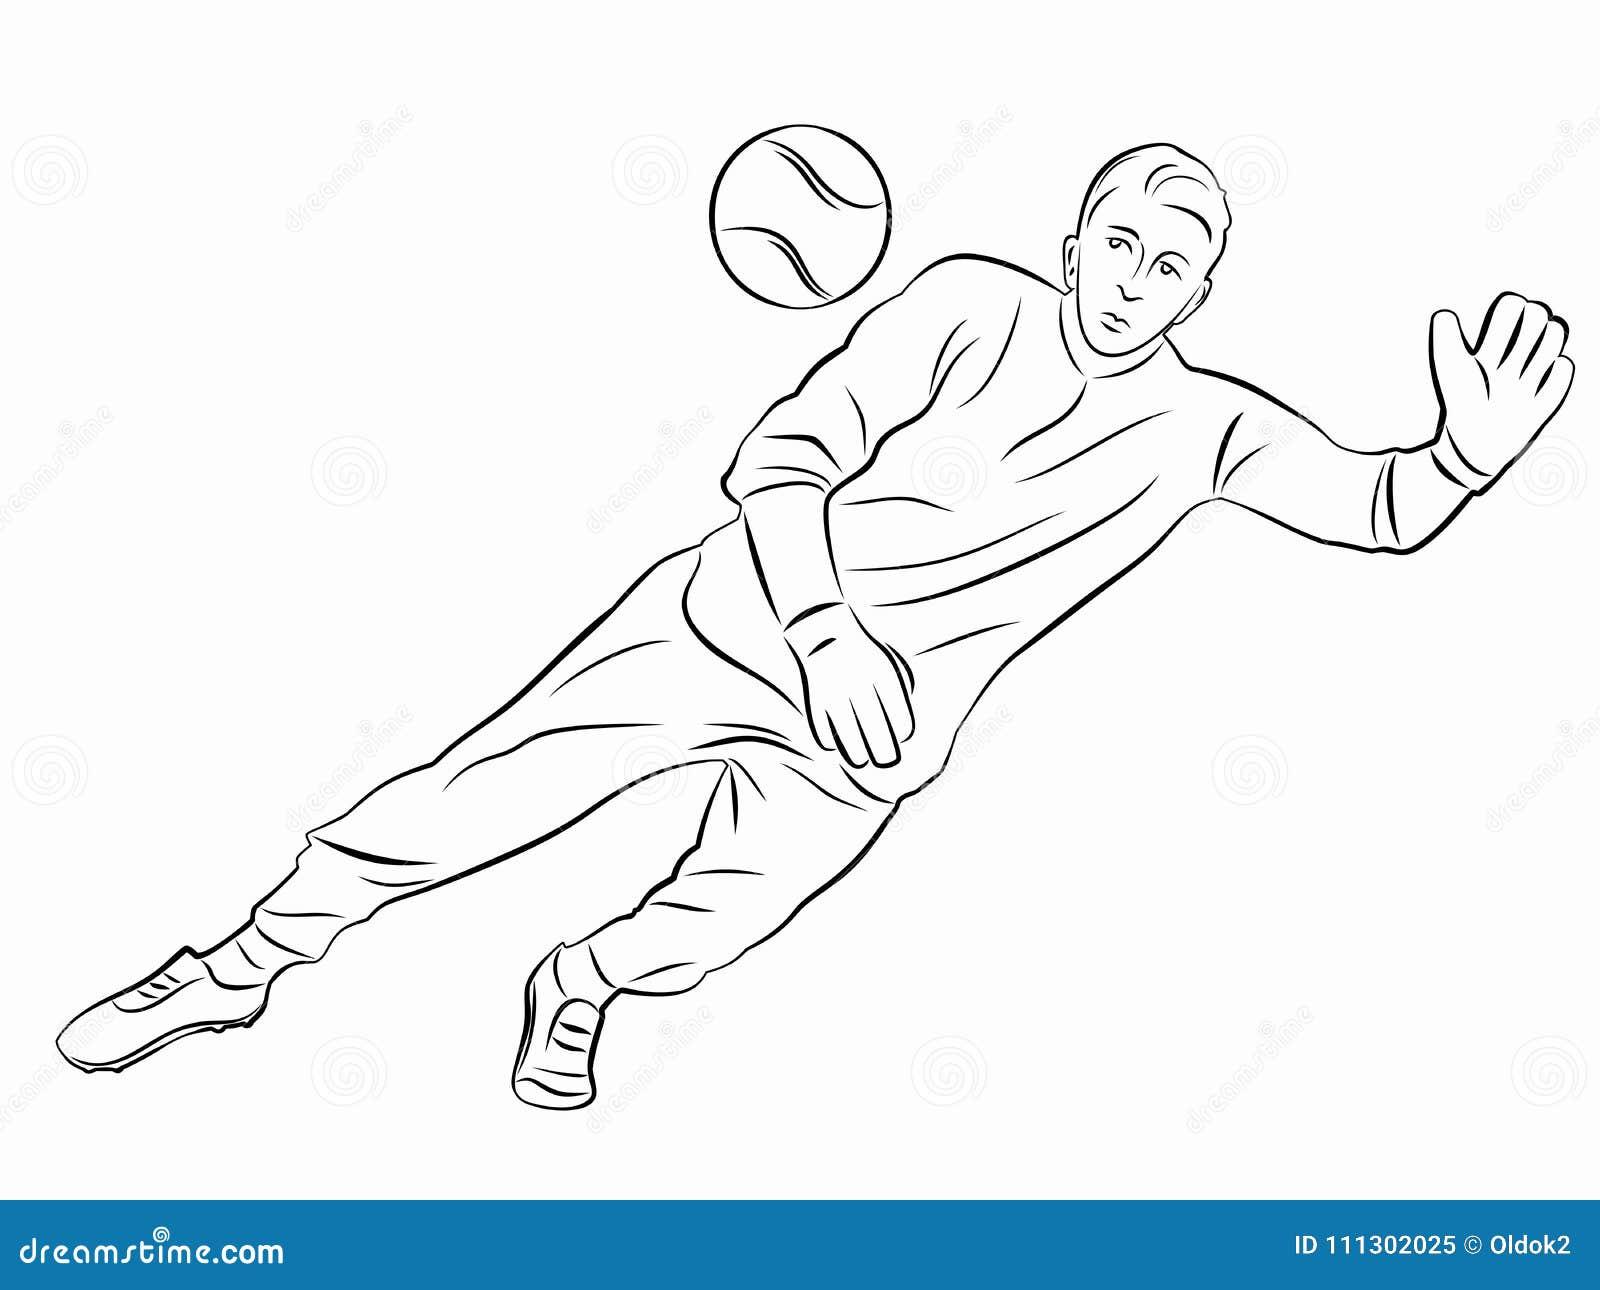 Silhouette Of Soccer Goalie, Vector Draw Stock Vector - Illustration